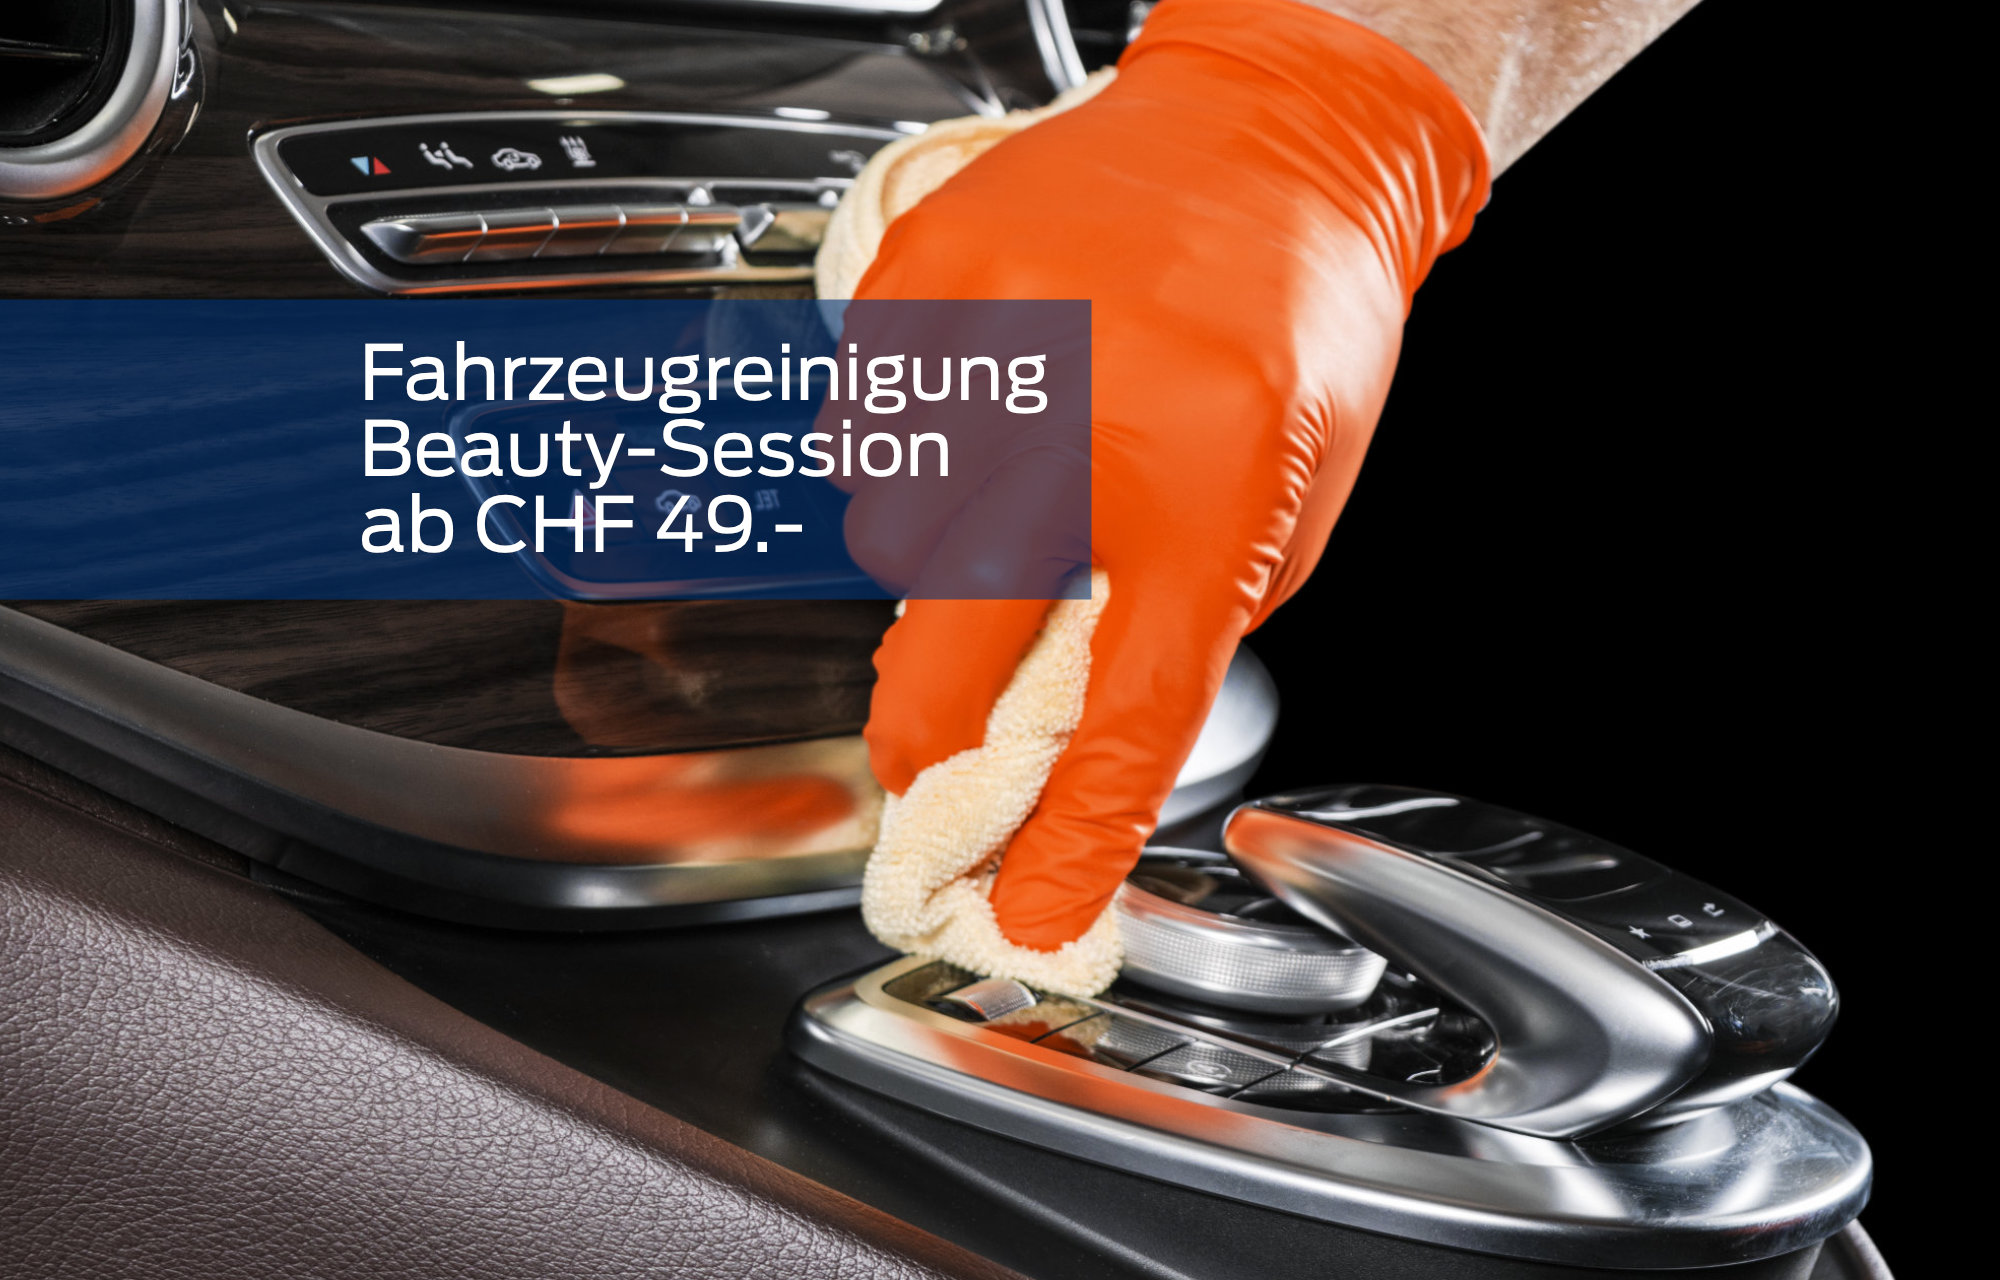 Fahrzeugwäsche und Fahrzeugreinigung Garage Müliholz AG